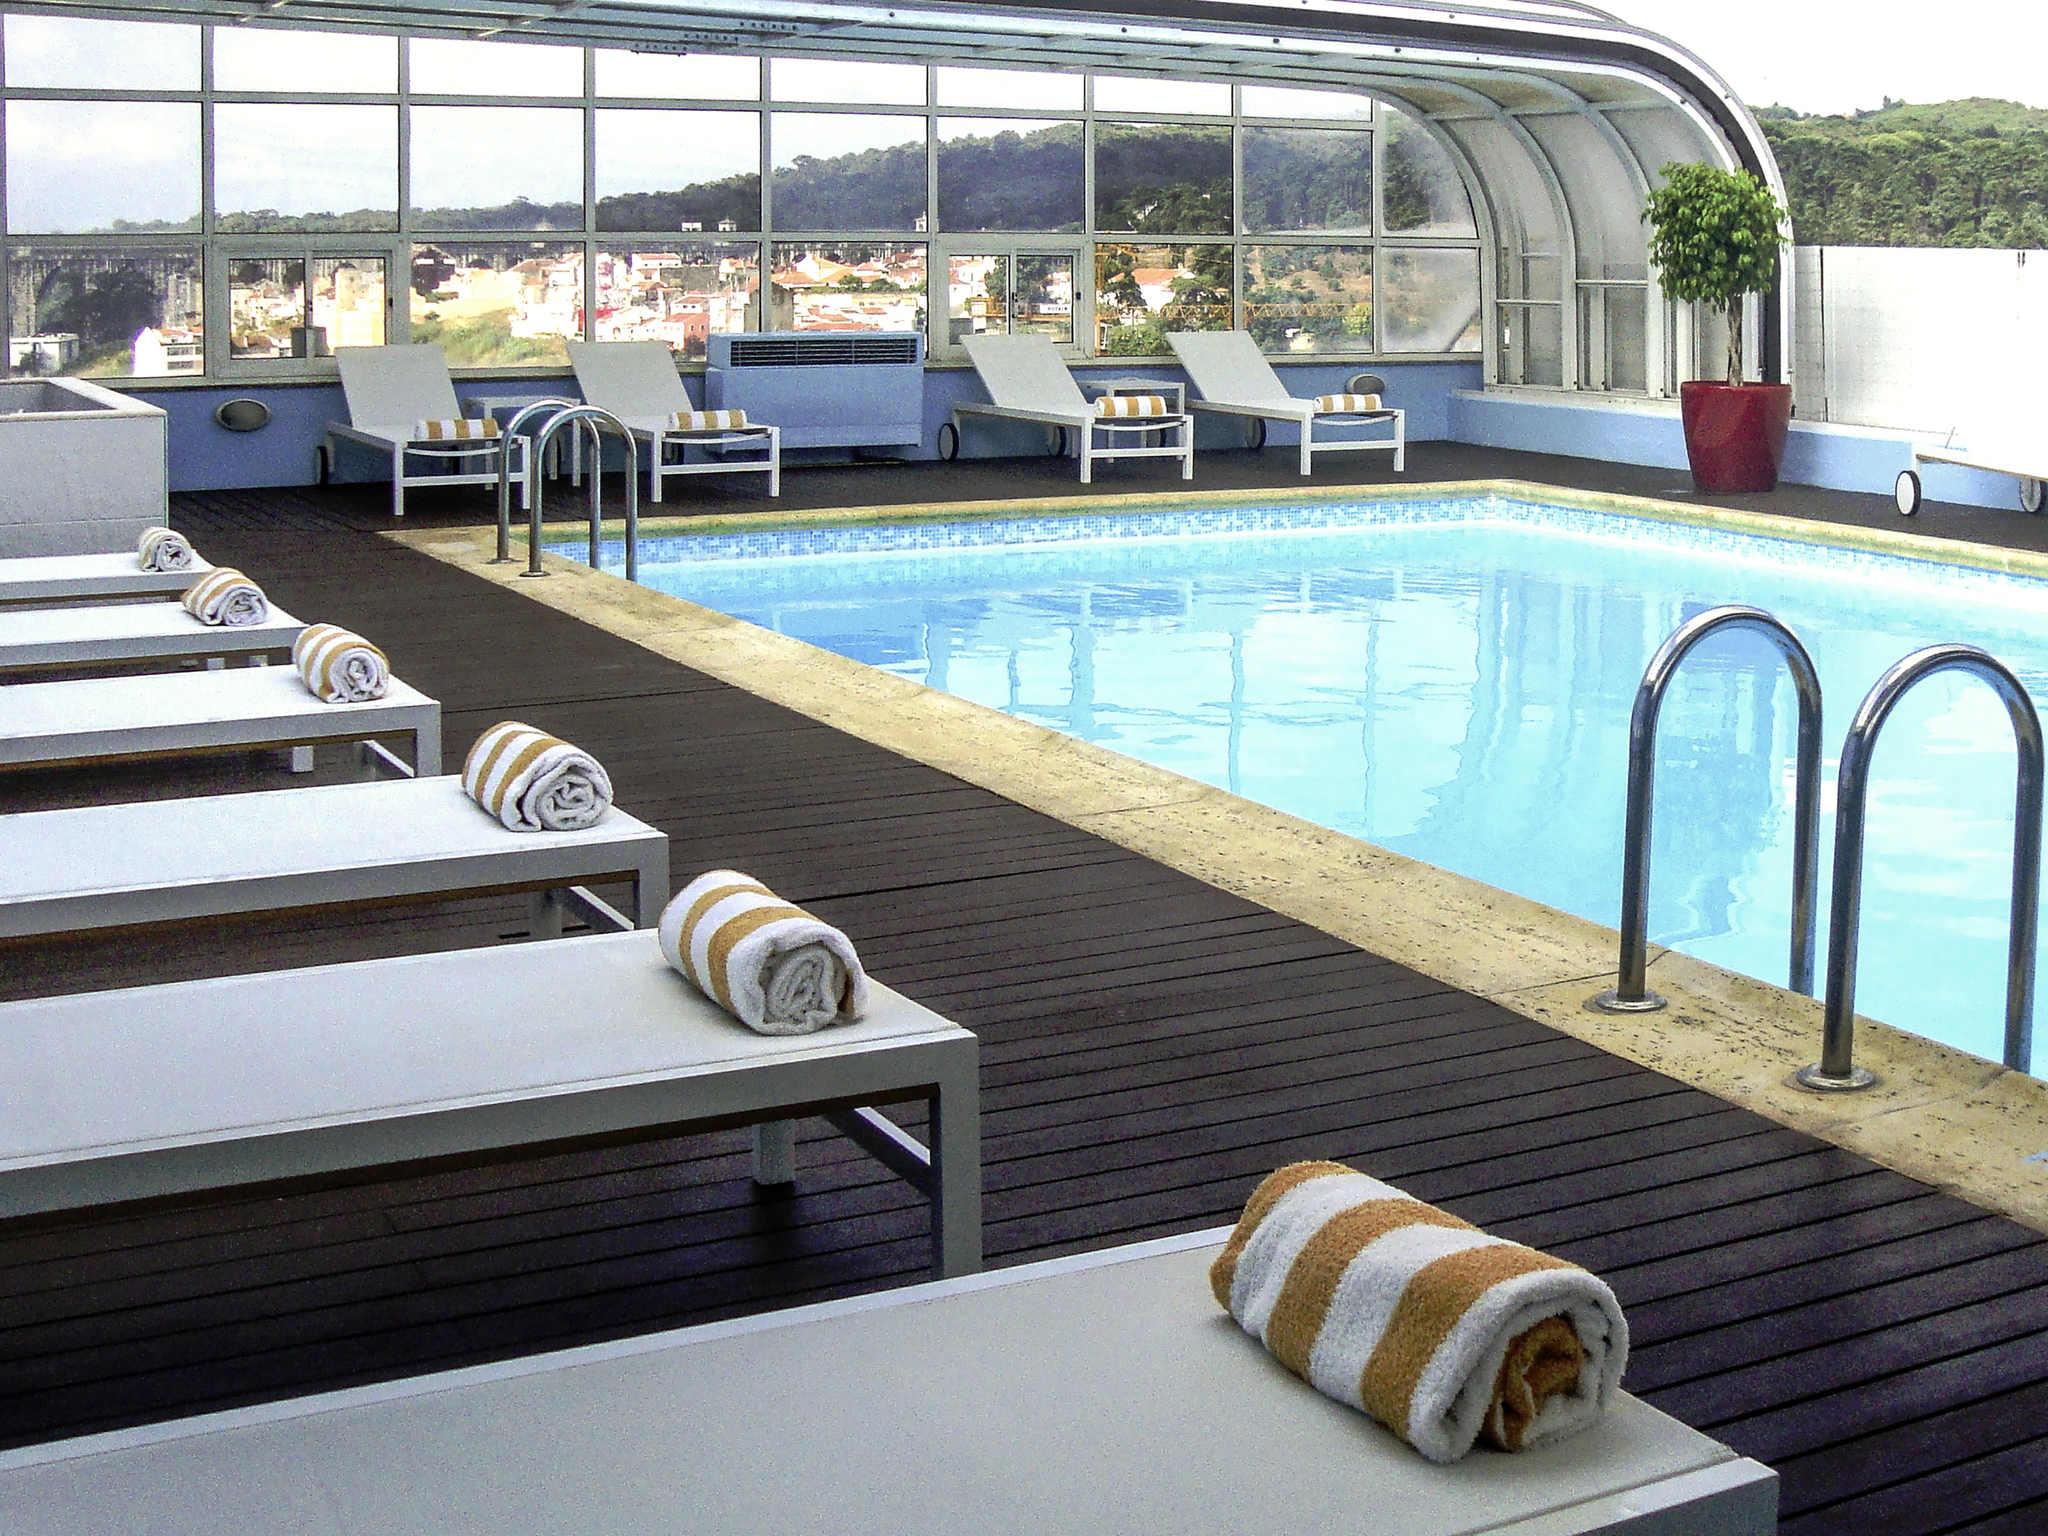 ホテル – メルキュールリスボンホテル